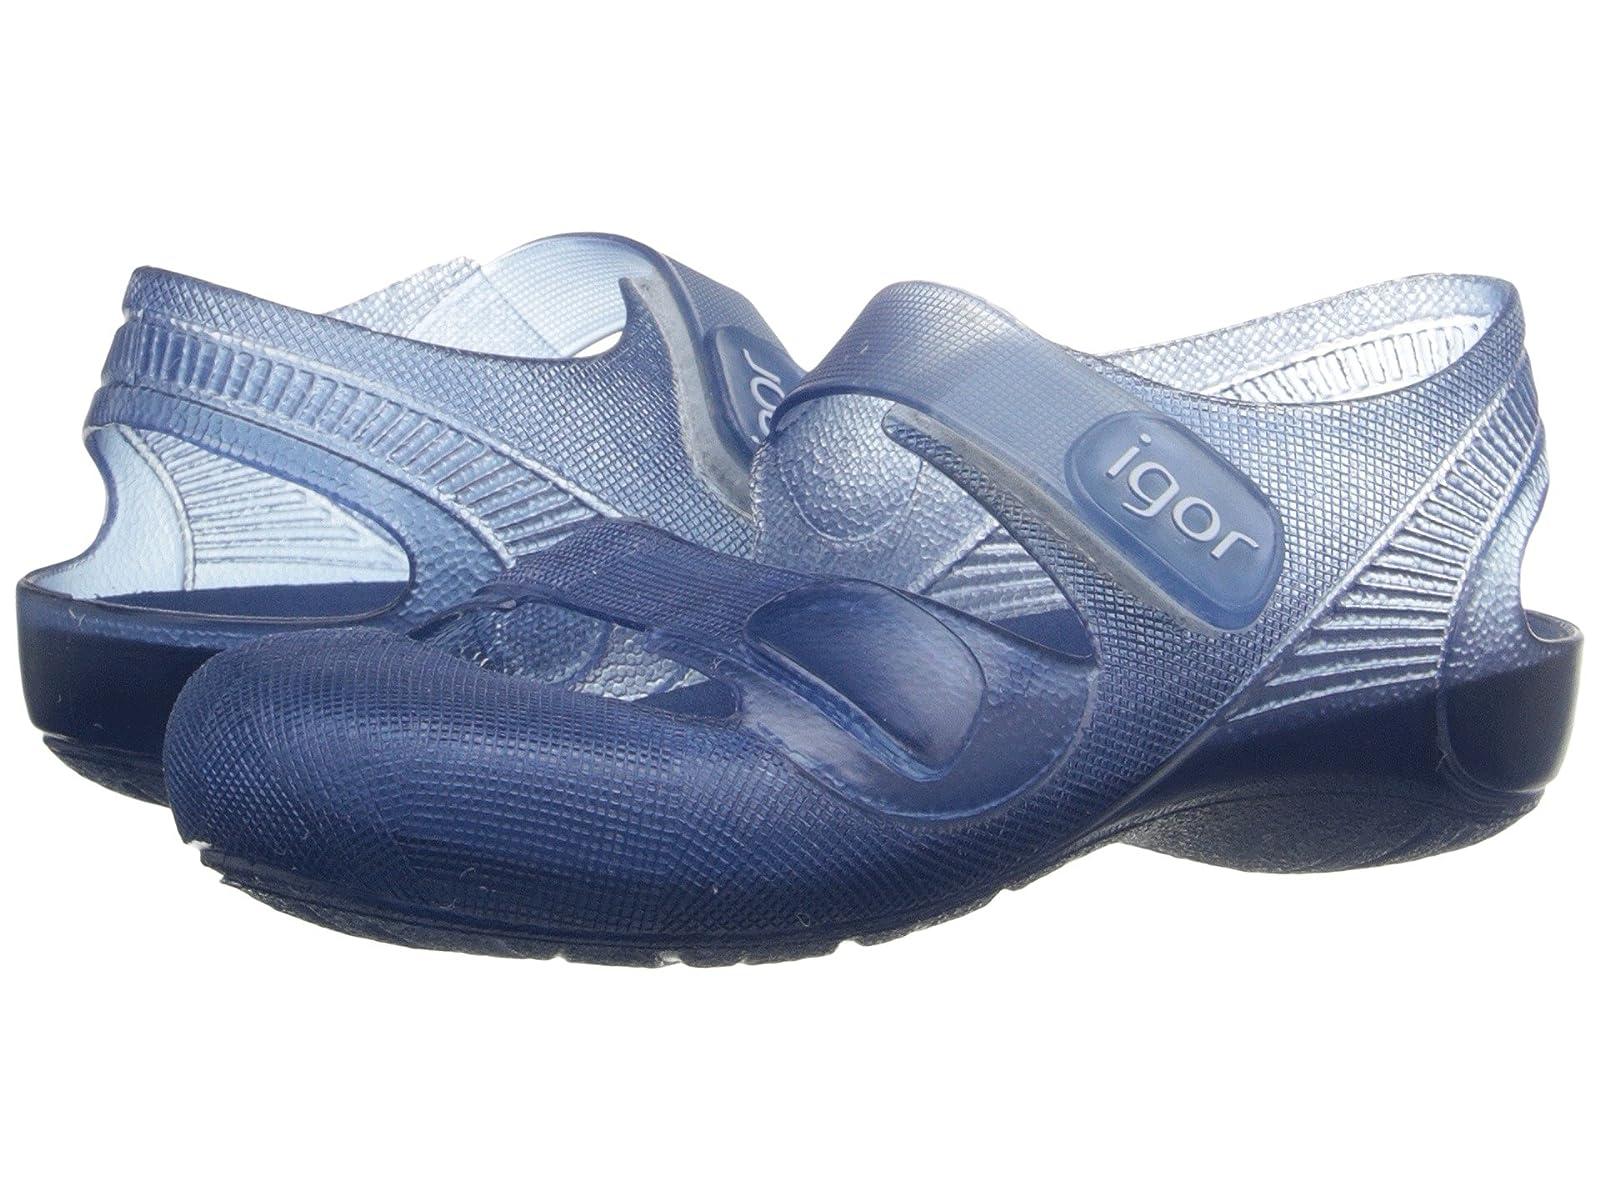 Igor Bondi (Infant/Toddler/Little Kid)Atmospheric grades have affordable shoes